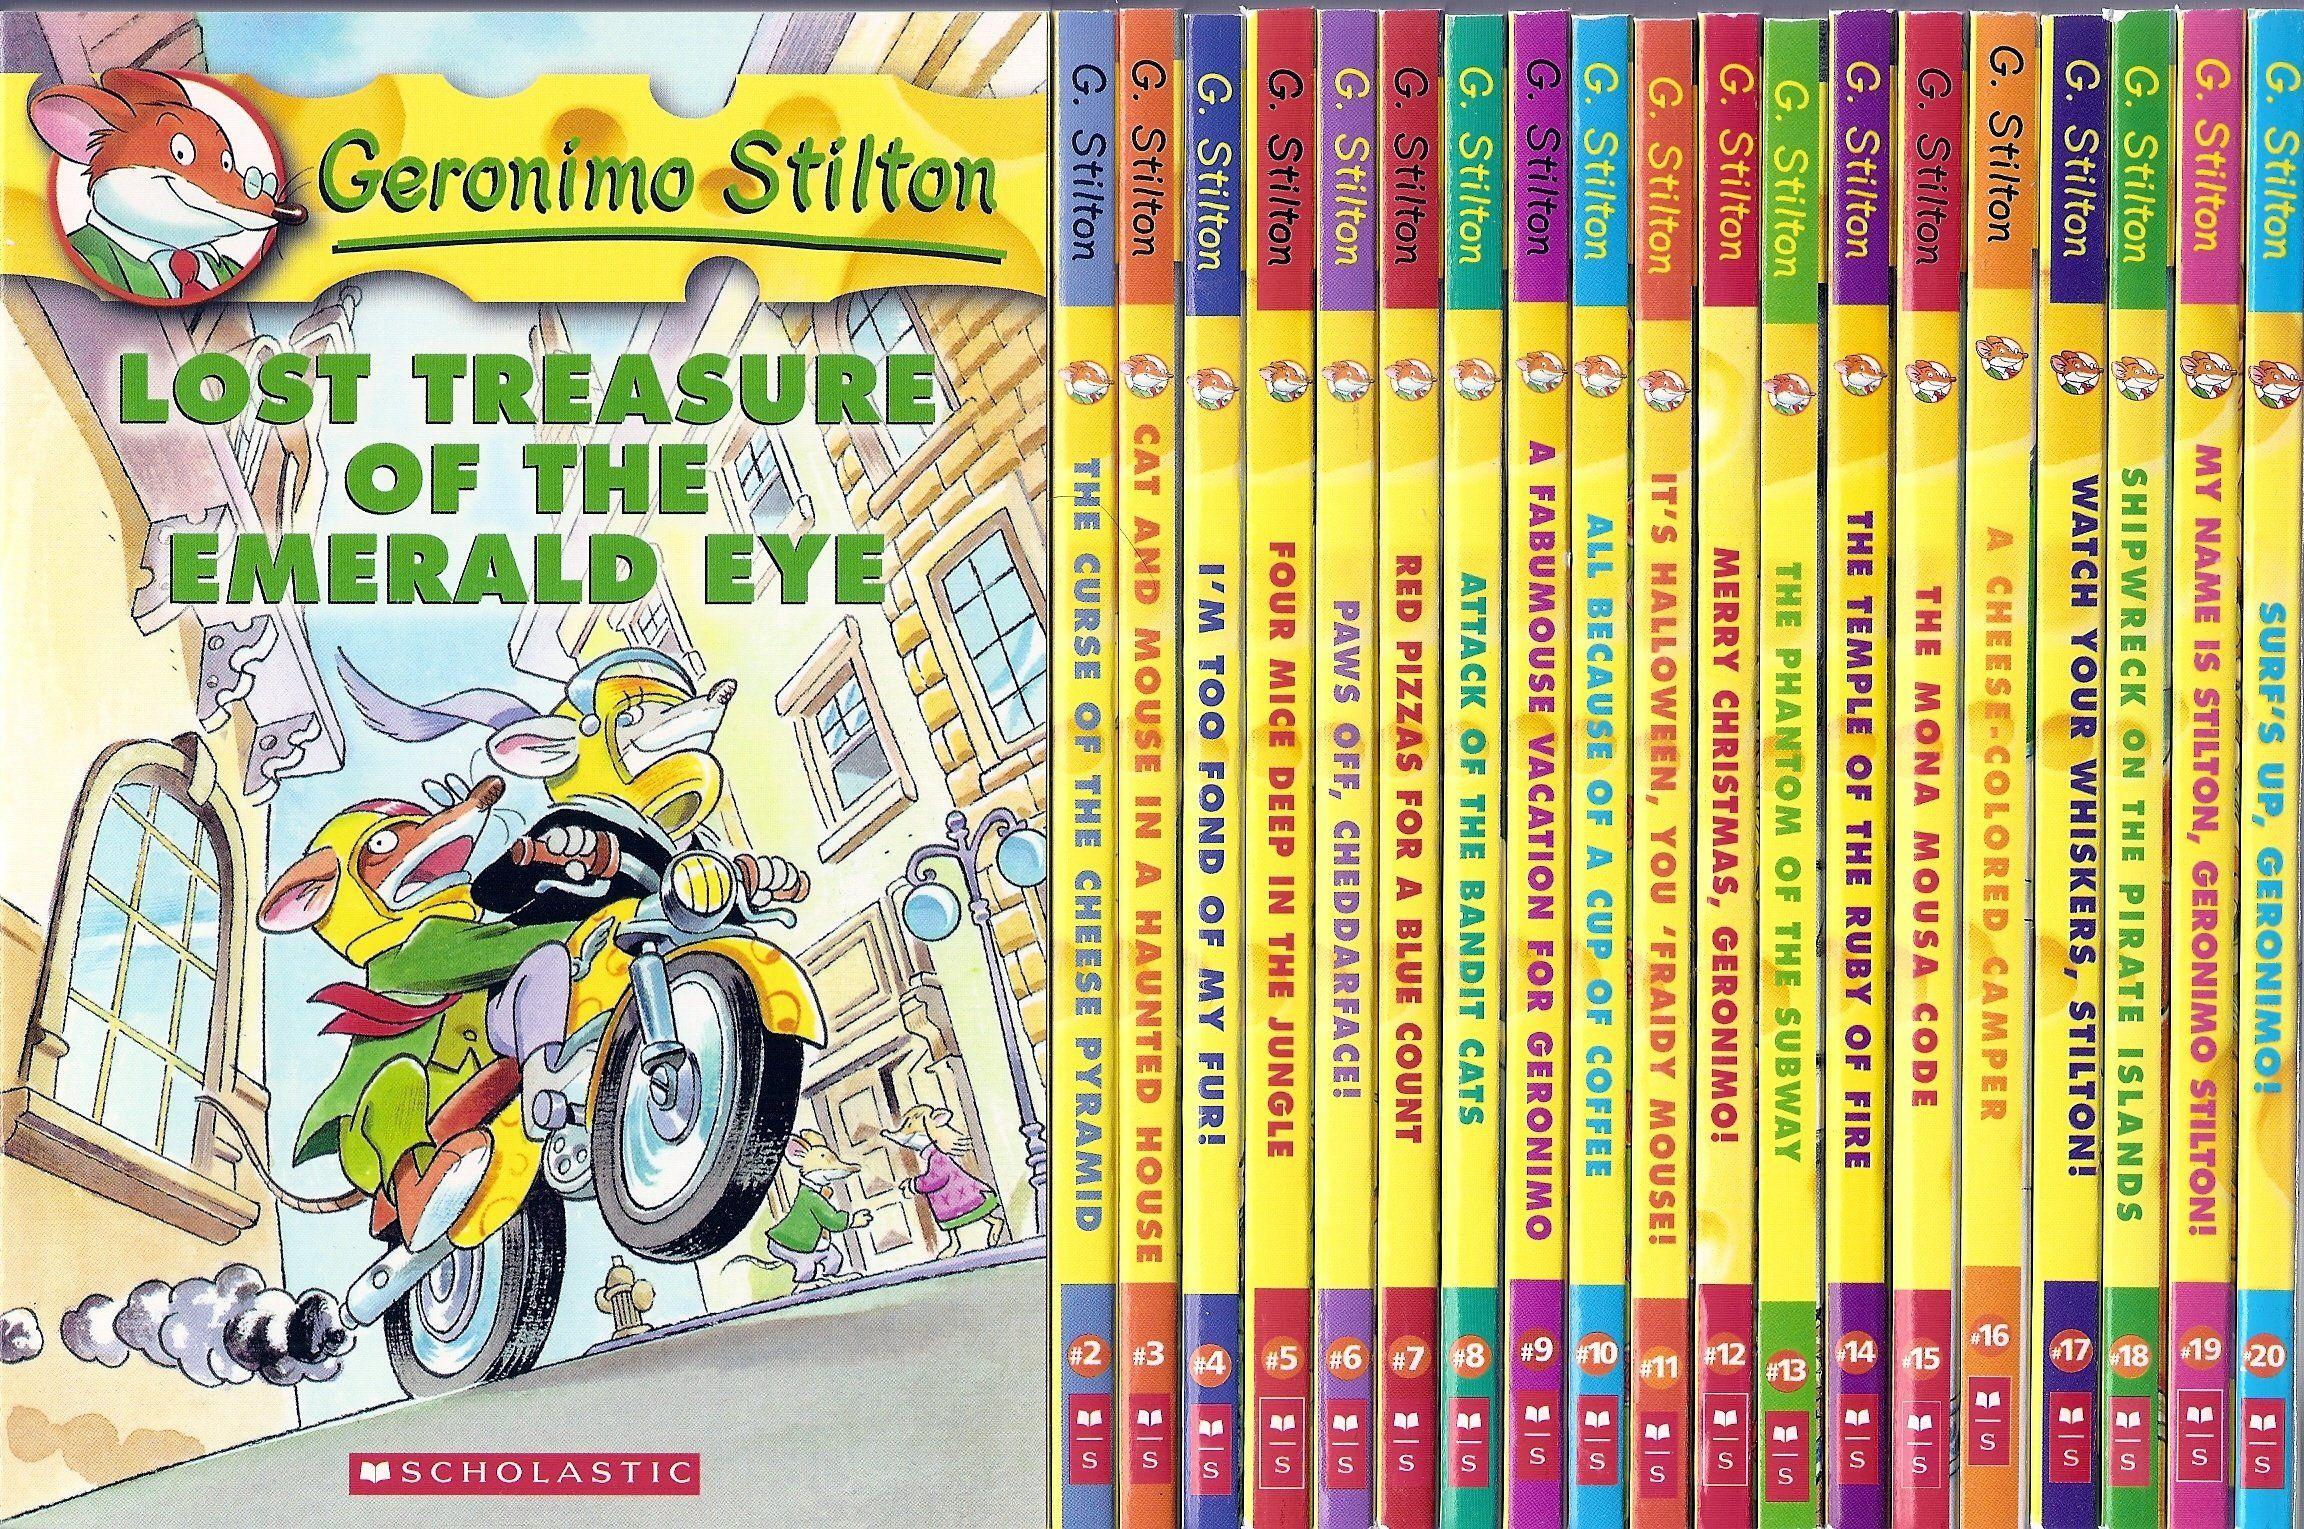 Favorite Books For Boys Books For Boys Books For 8 Year Olds Books For 10 Year Olds Great Books For Boys Reading Bo Kids Book Series Books Books For Boys